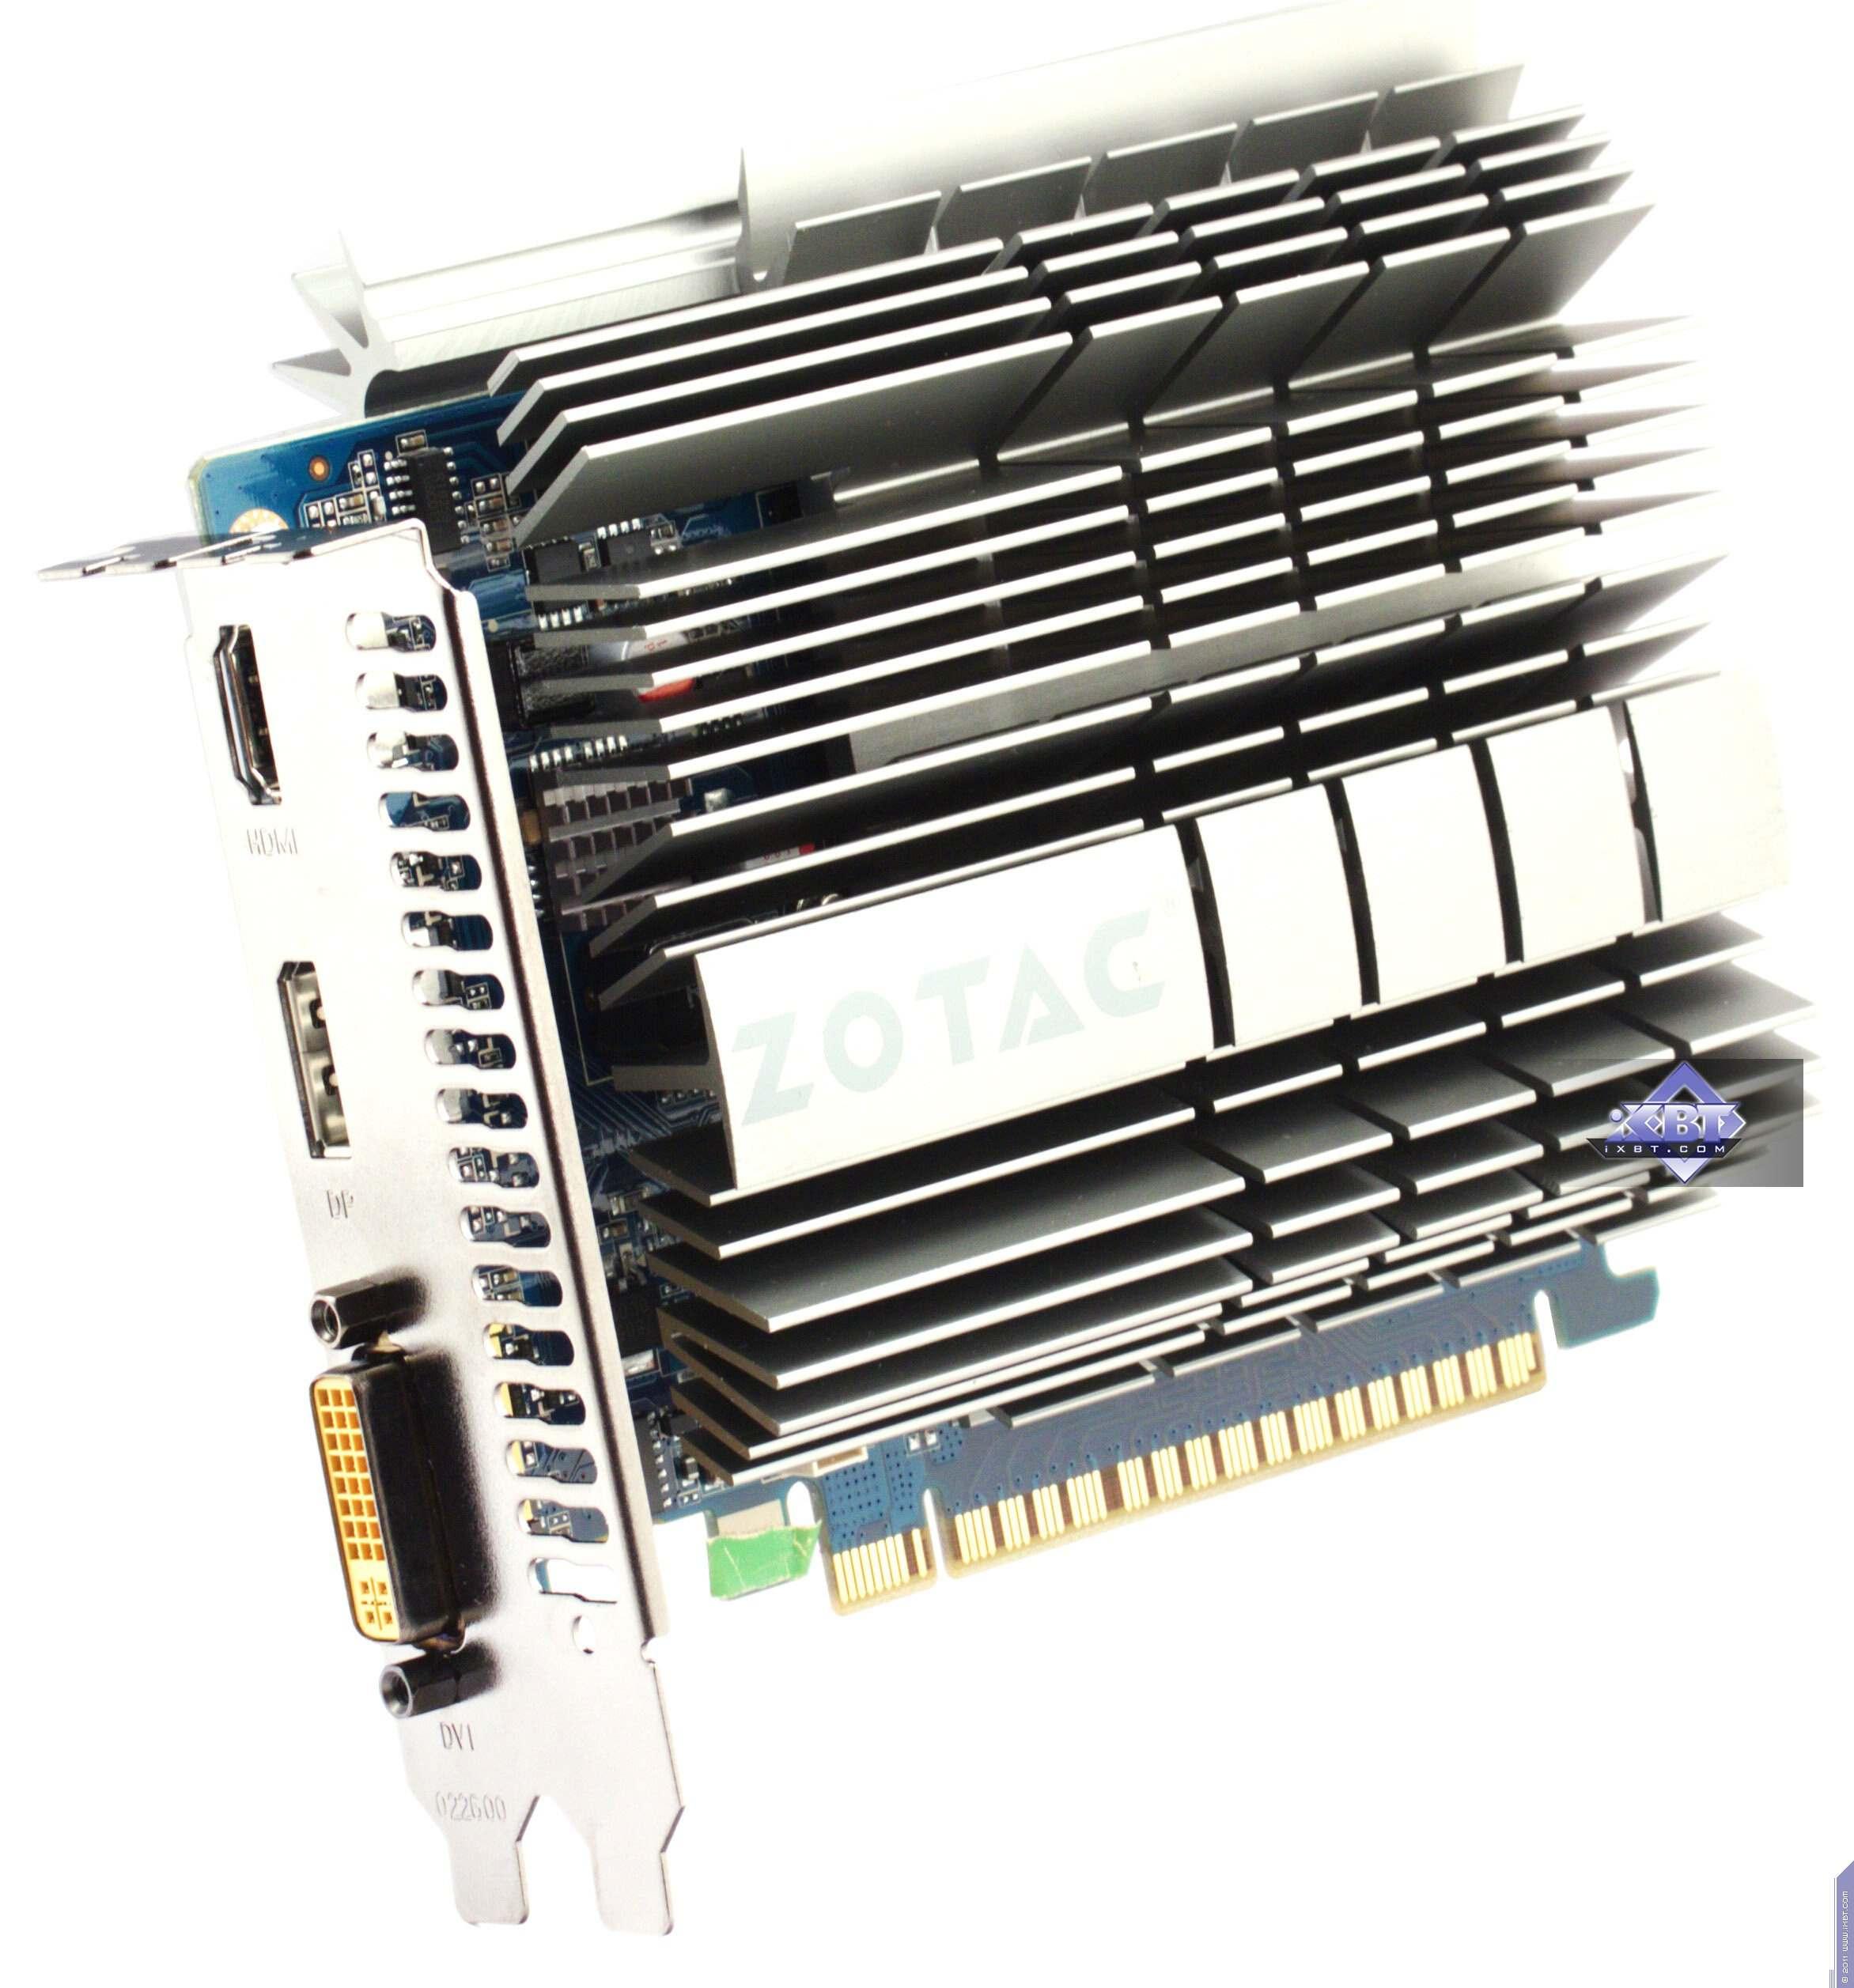 Ixbt Labs Zotac Geforce Gt 430 Zone Gts 450 Amp Gtx 460 Amp